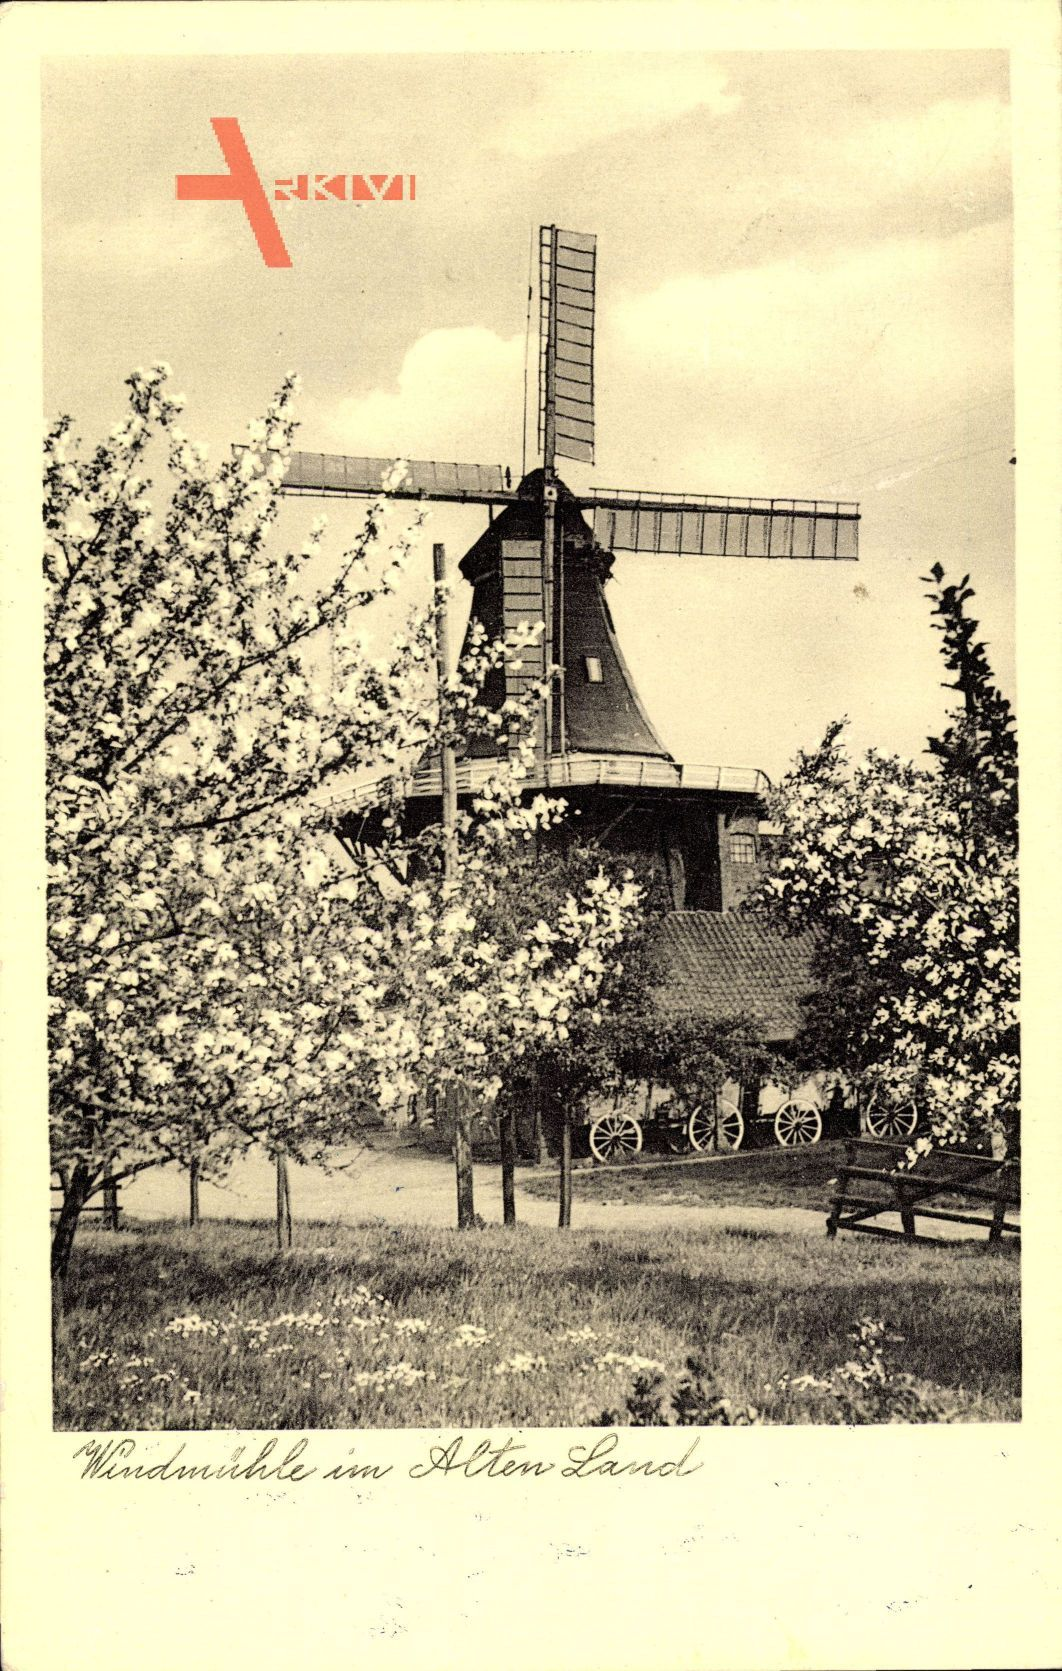 Windmühle im Alten Land, Frühling, Baumblüte